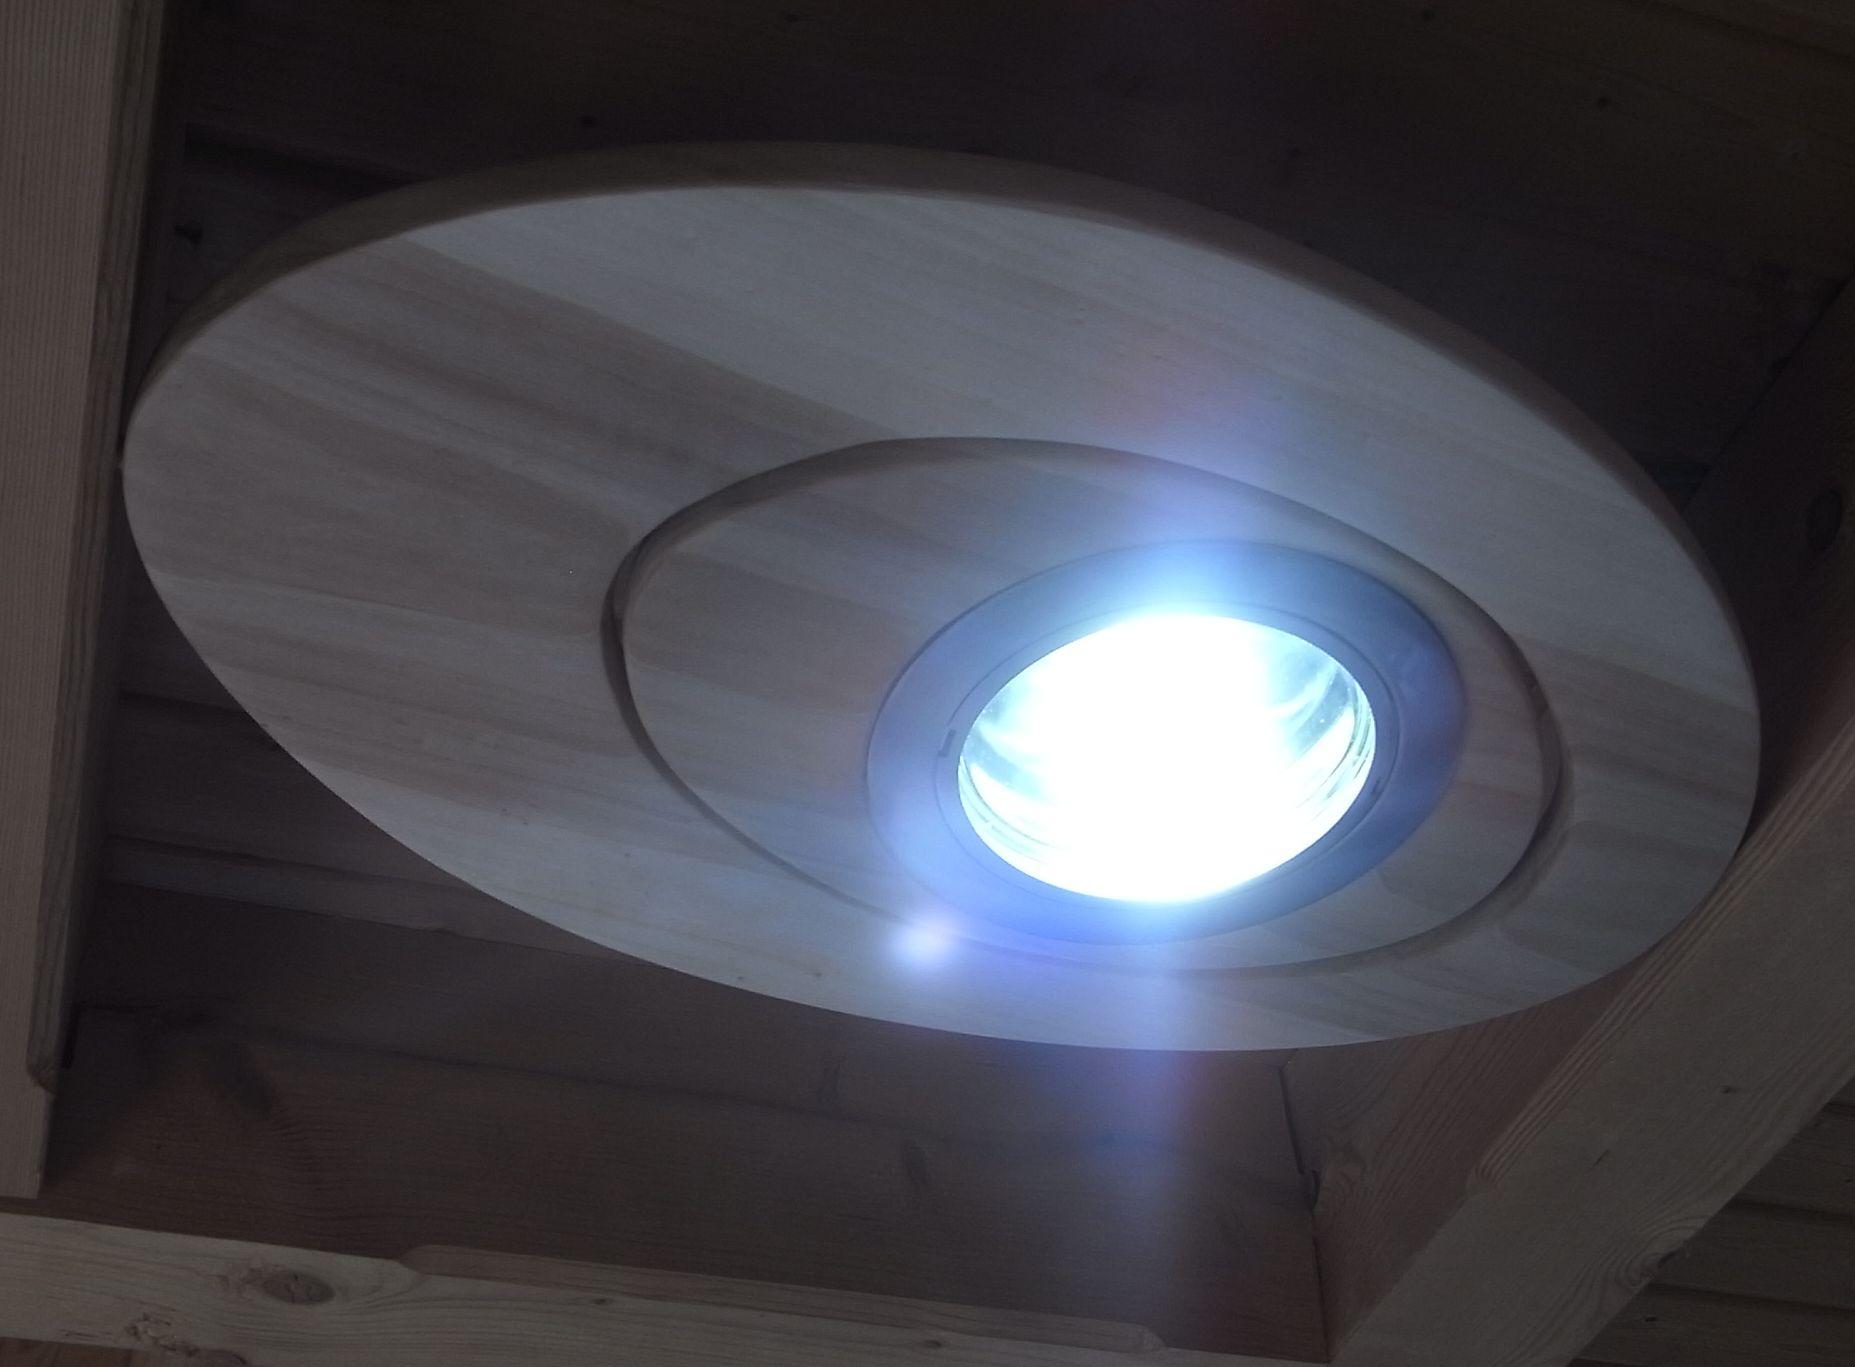 Treppengeländer Holz Restaurieren ~ LED LeuchteFür die Beleuchtung meines Schreibtisches teste ich gerade